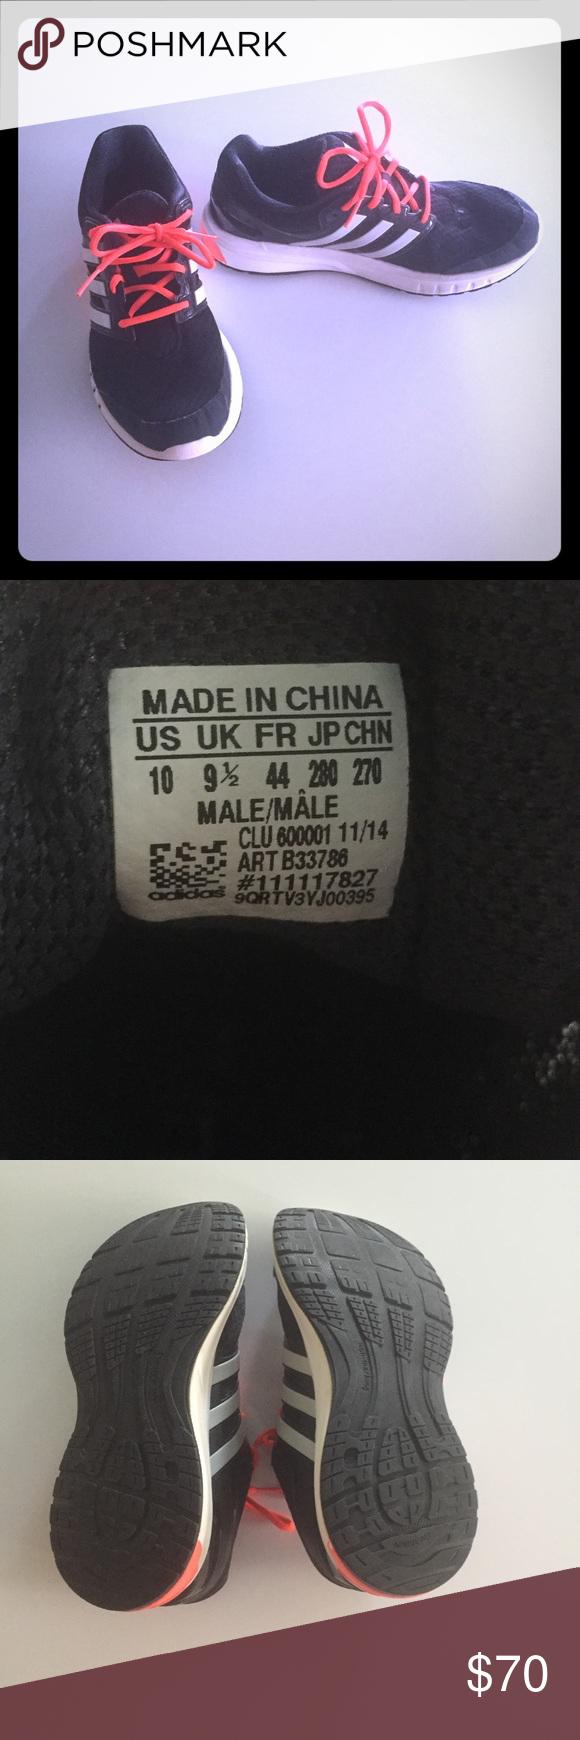 Running Shoes Lightweight. Non-marking